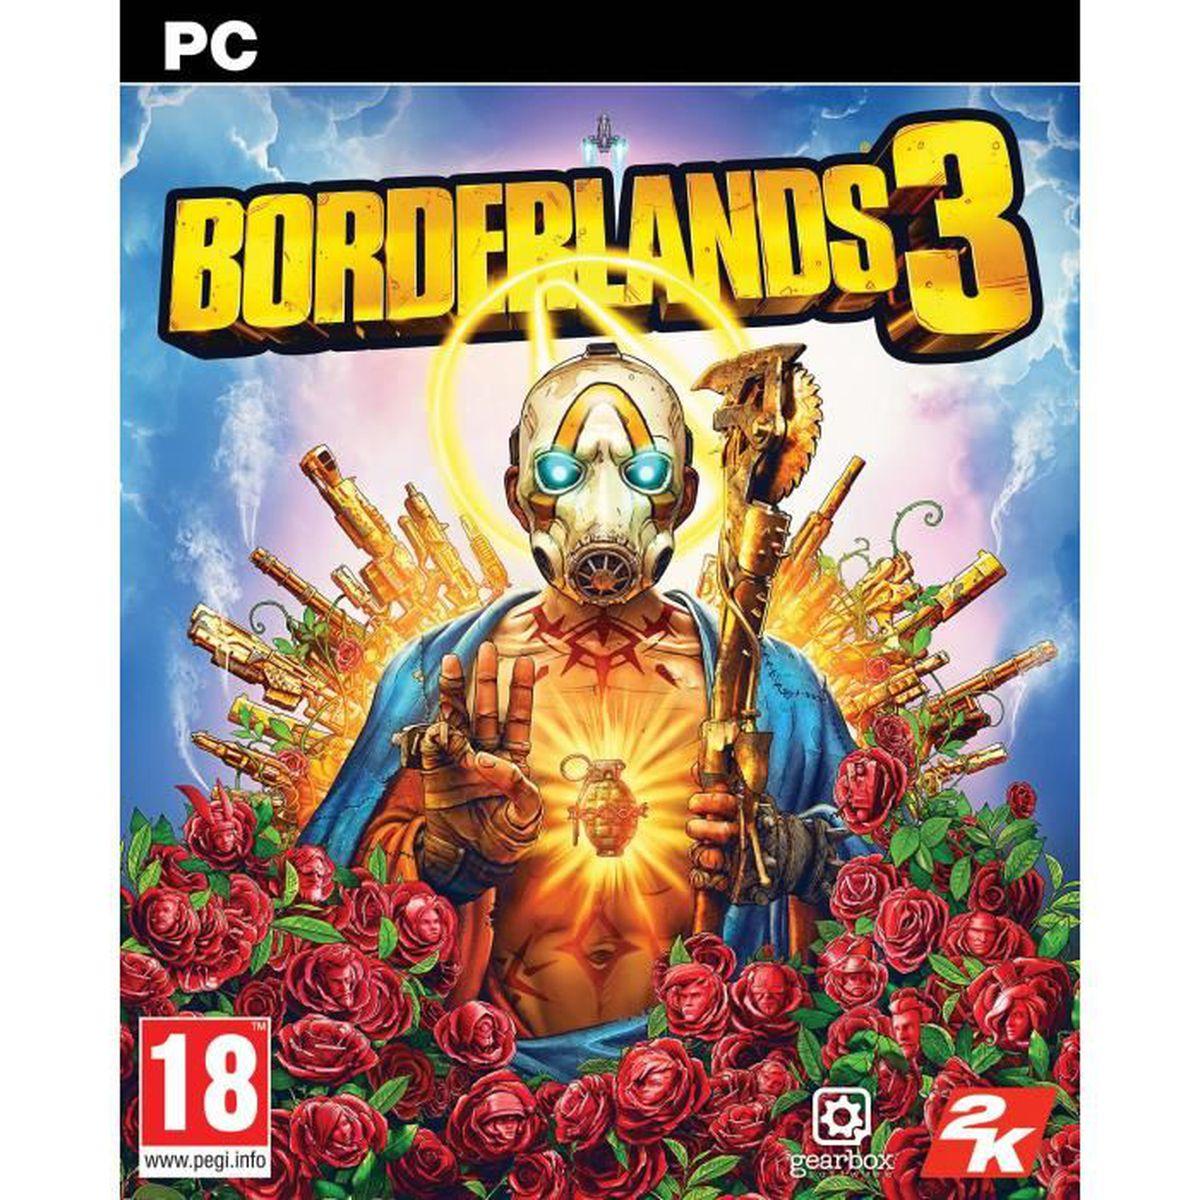 JEU PC Borderlands 3 Jeu PC à télécharger